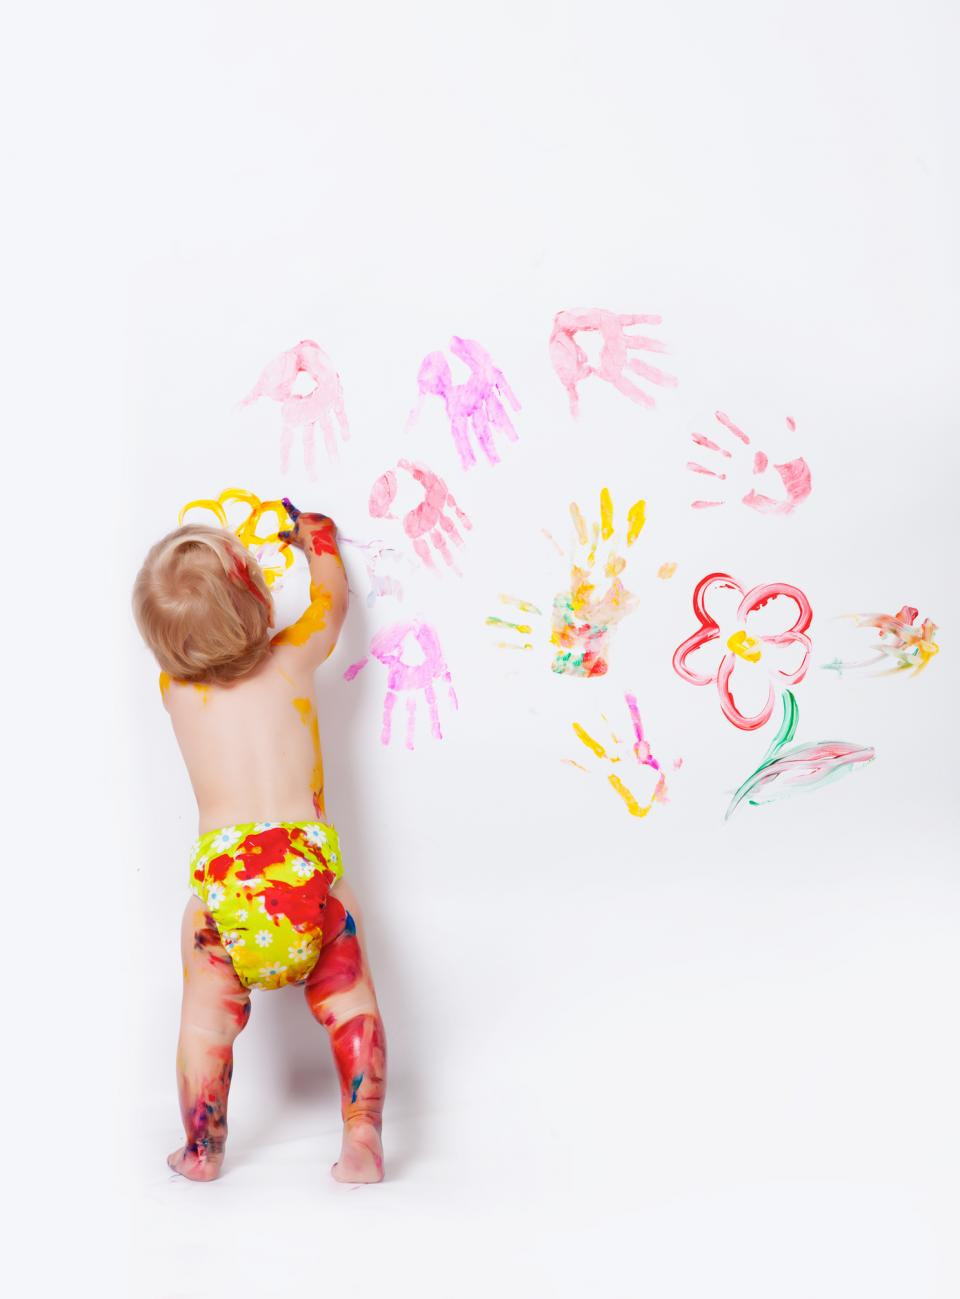 бебе рисунка